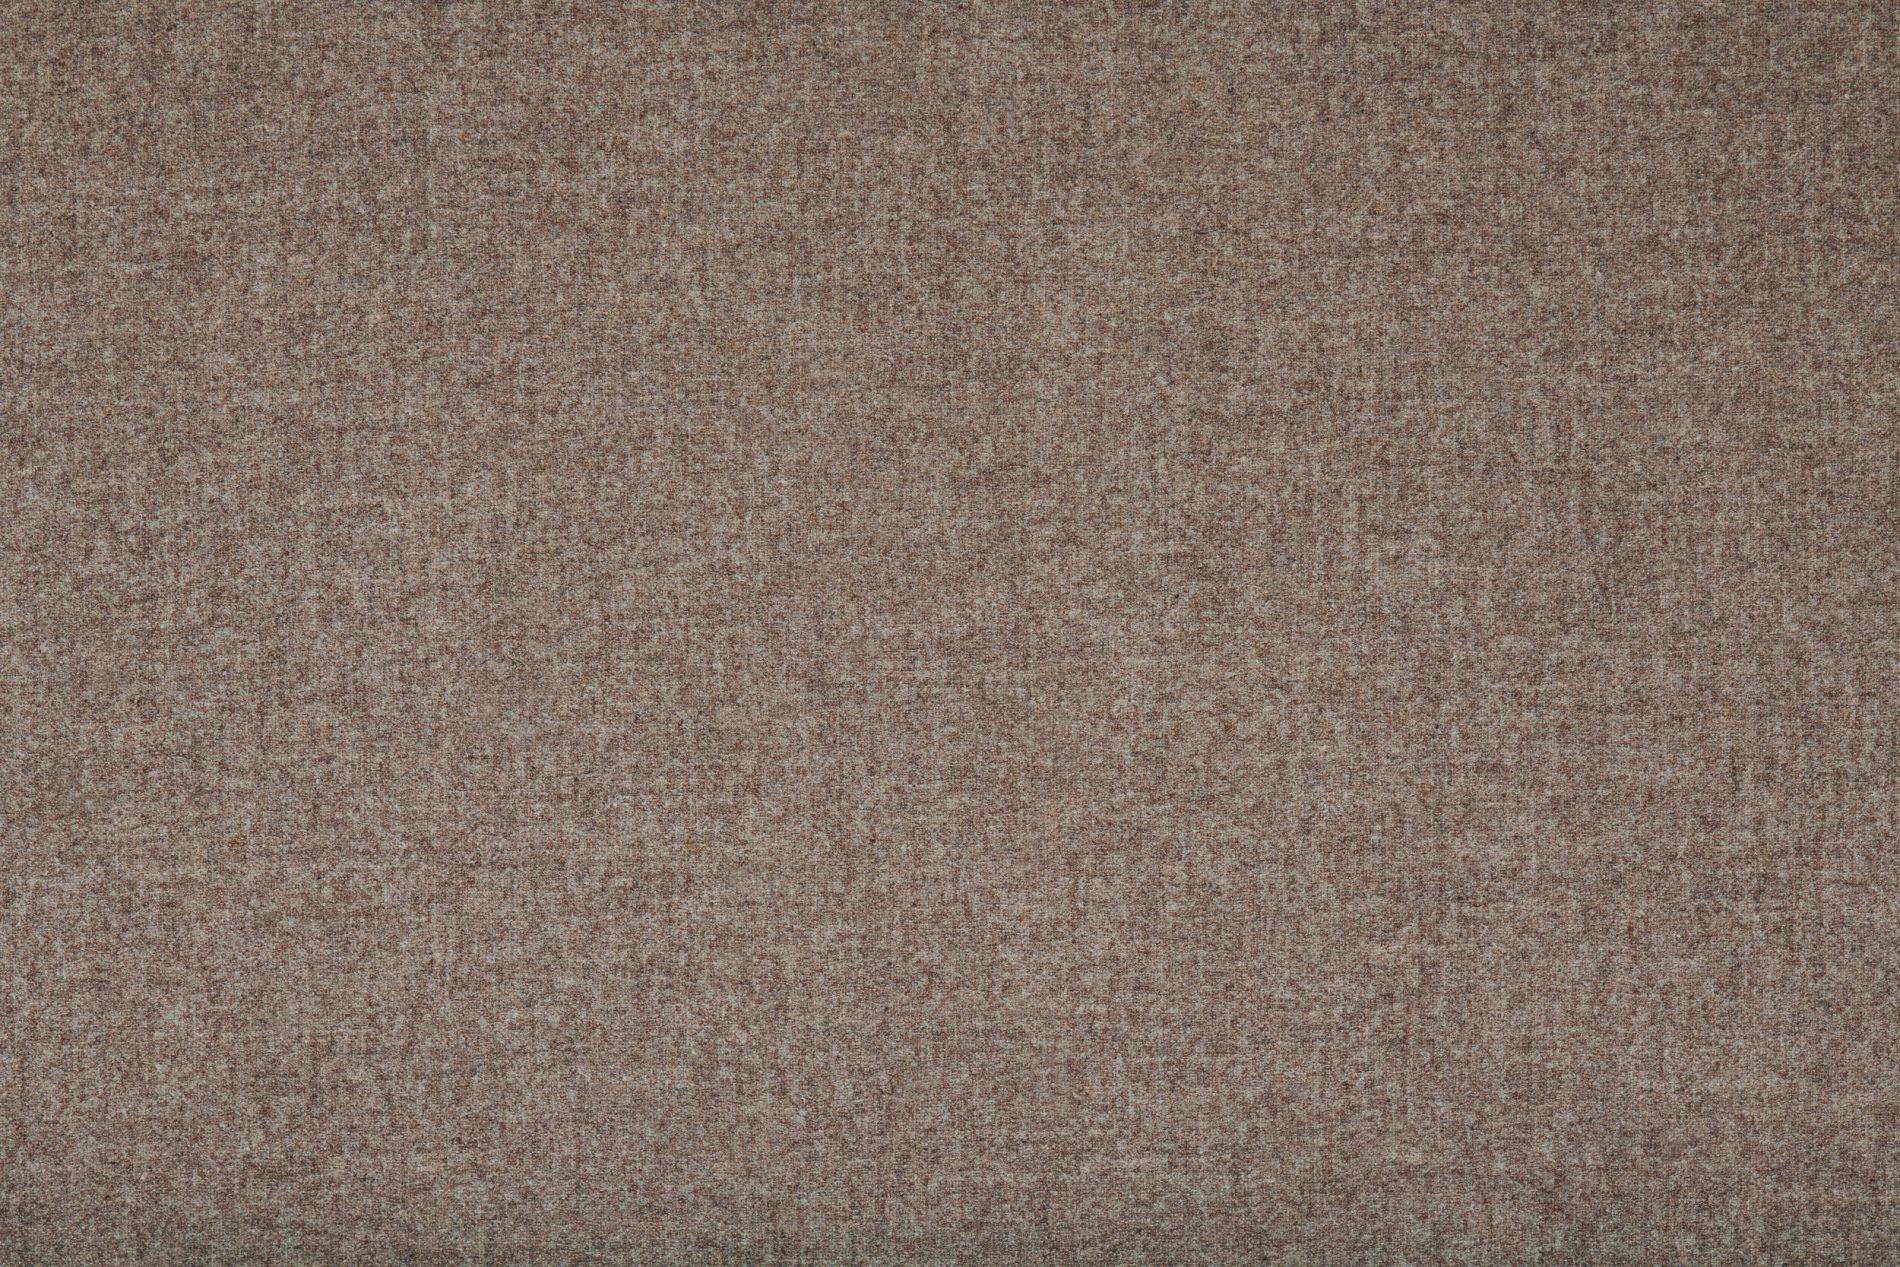 PURE 360 Merinotuch (19/5025)